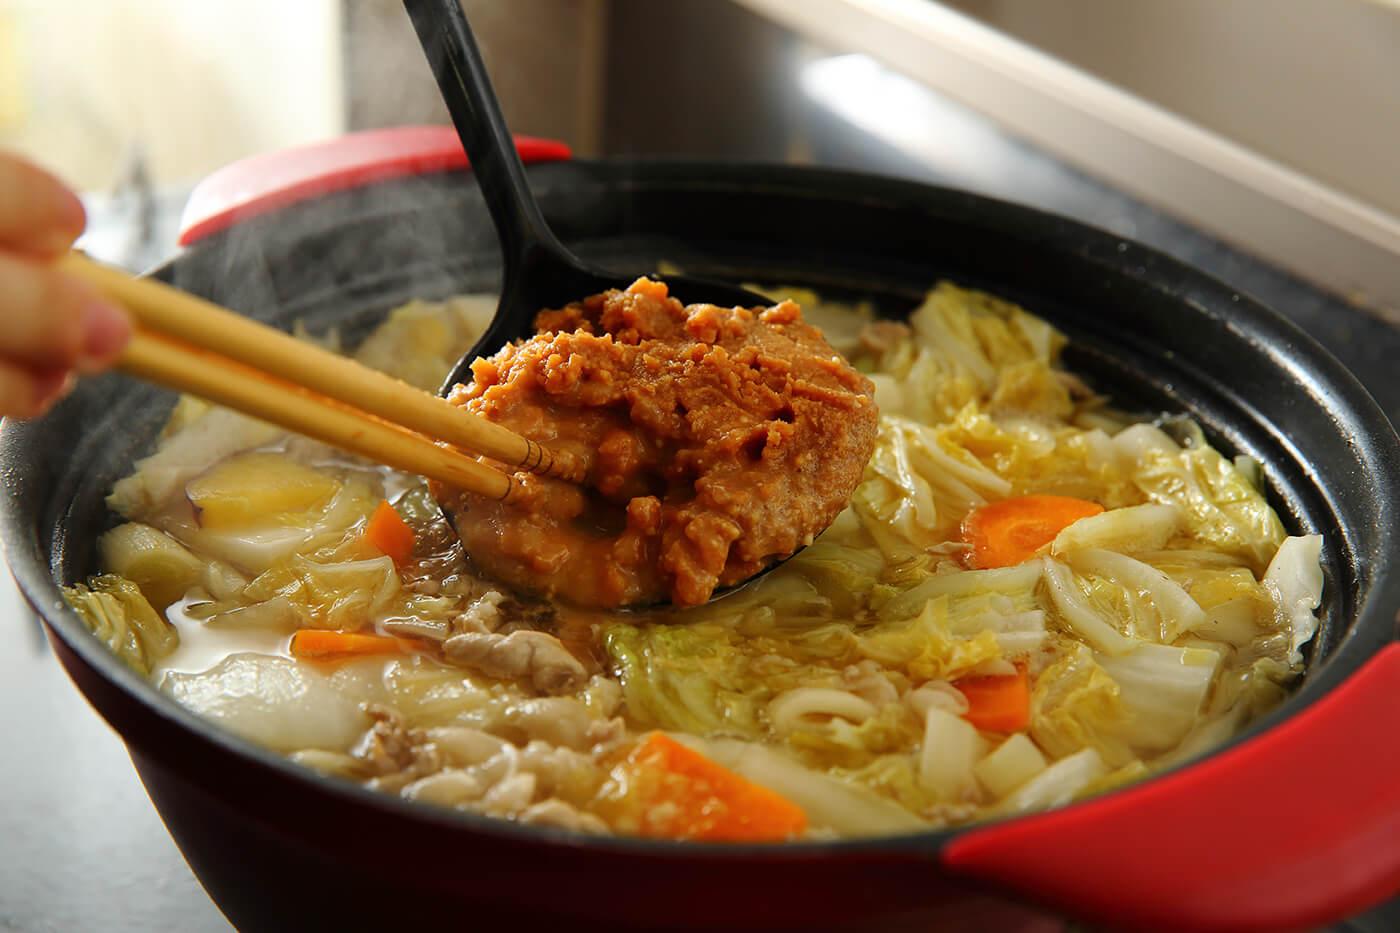 Miso : Una pasta de soja fermentada con sal marina